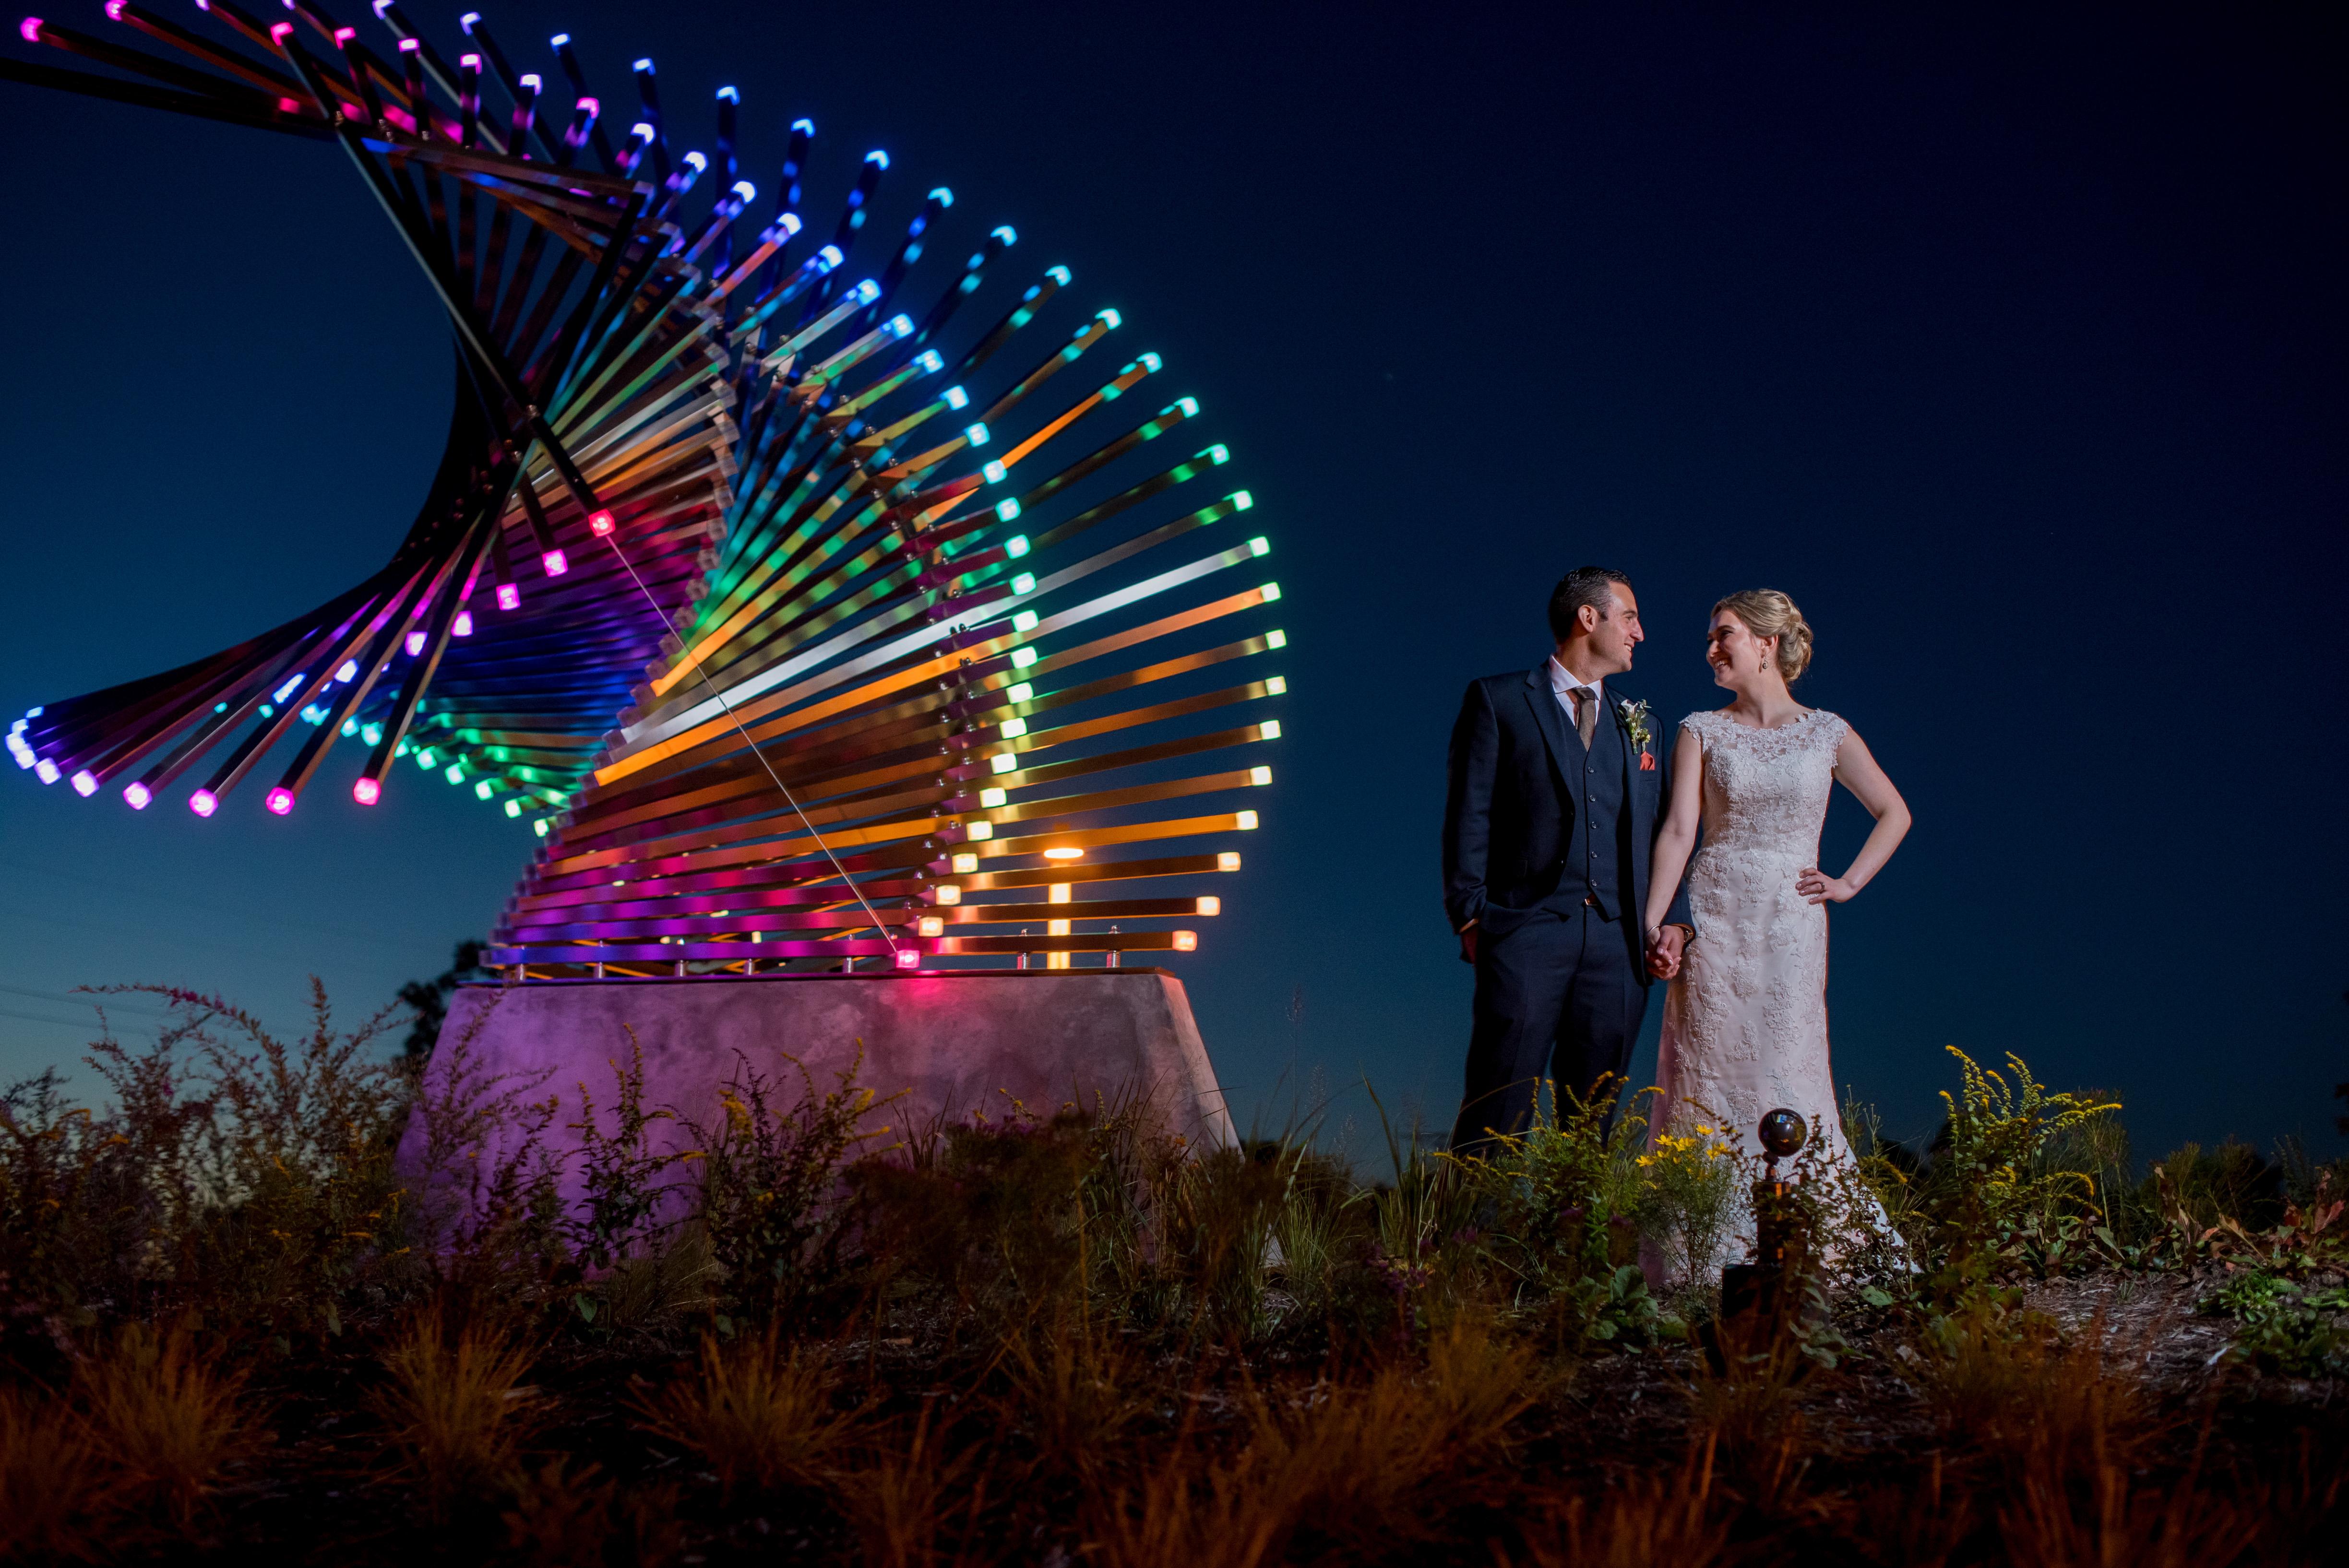 Milwaukee Wedding Photography-Jadon Good Photography_029